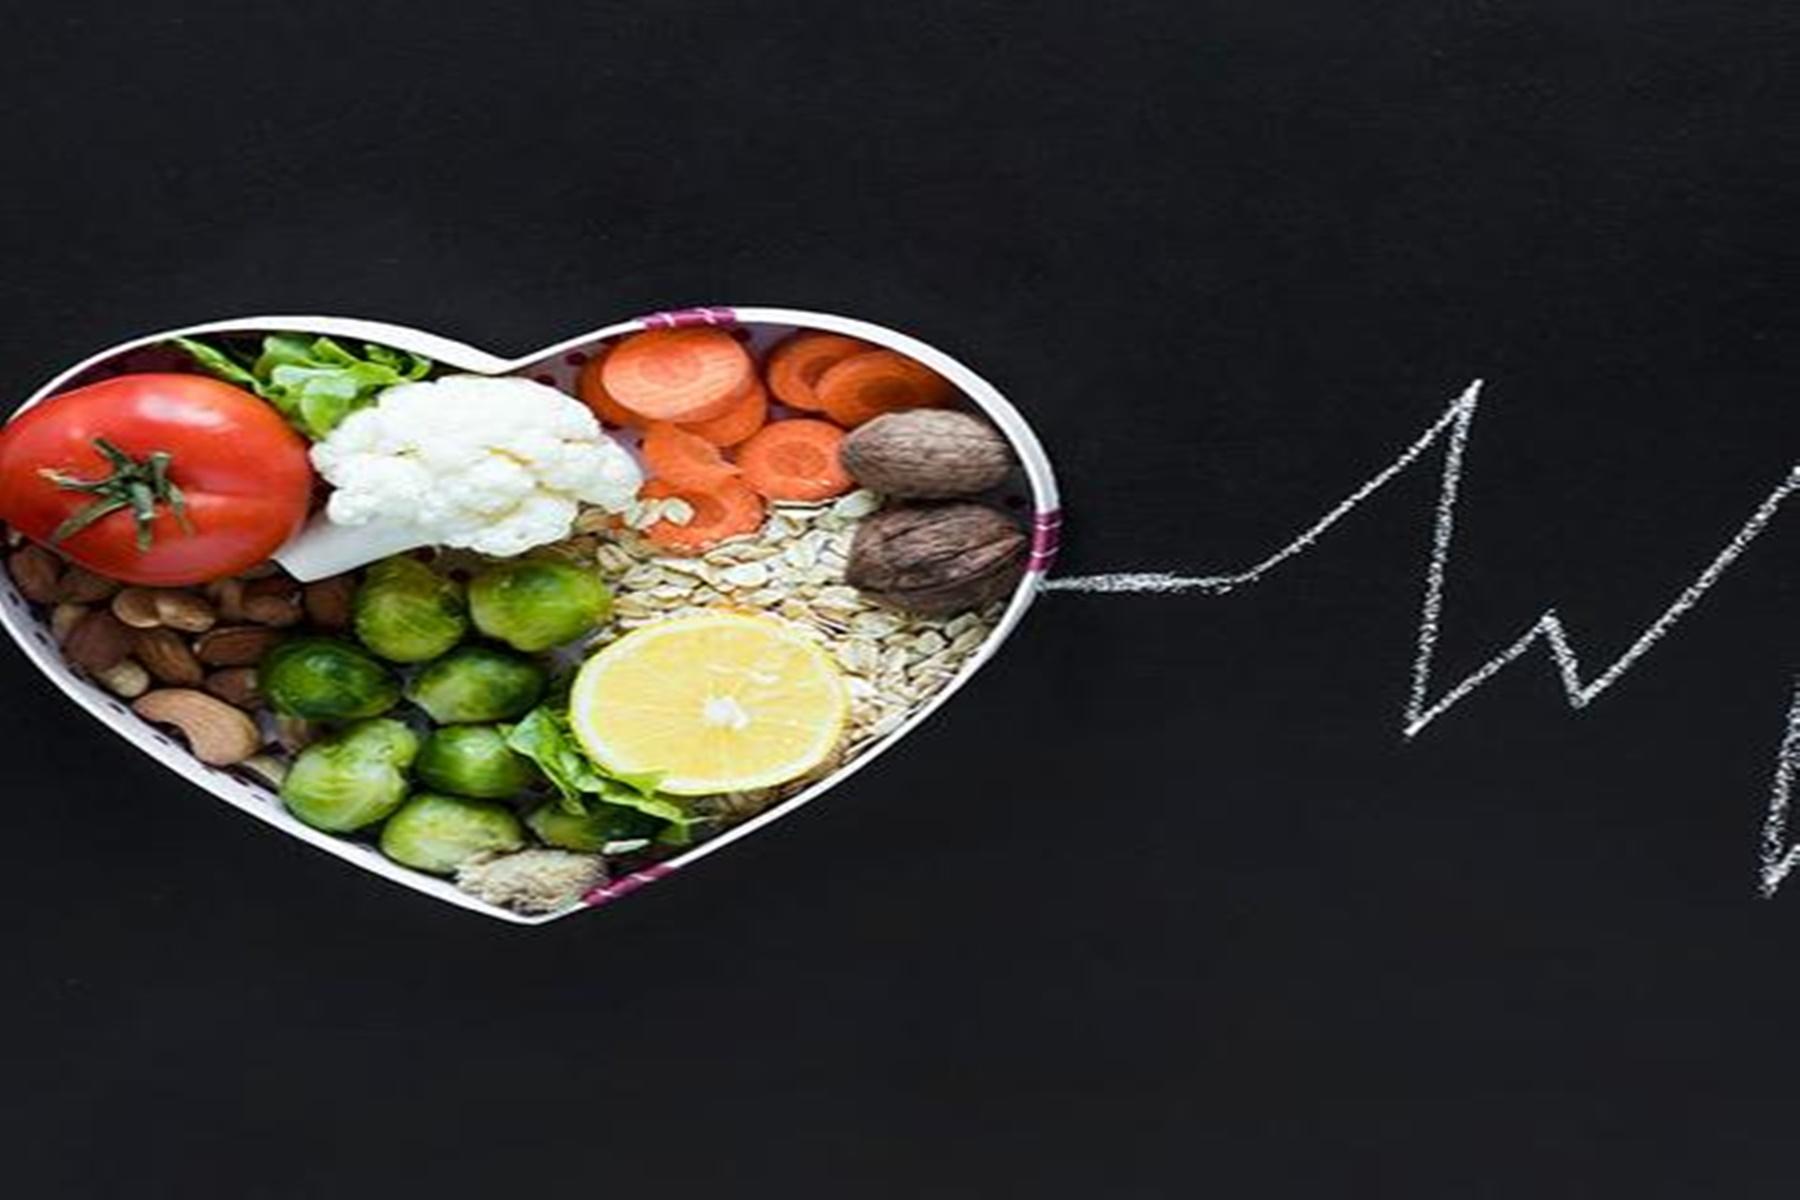 Διατροφή : Τροφές για να ενισχύσετε το πνεύμα σας